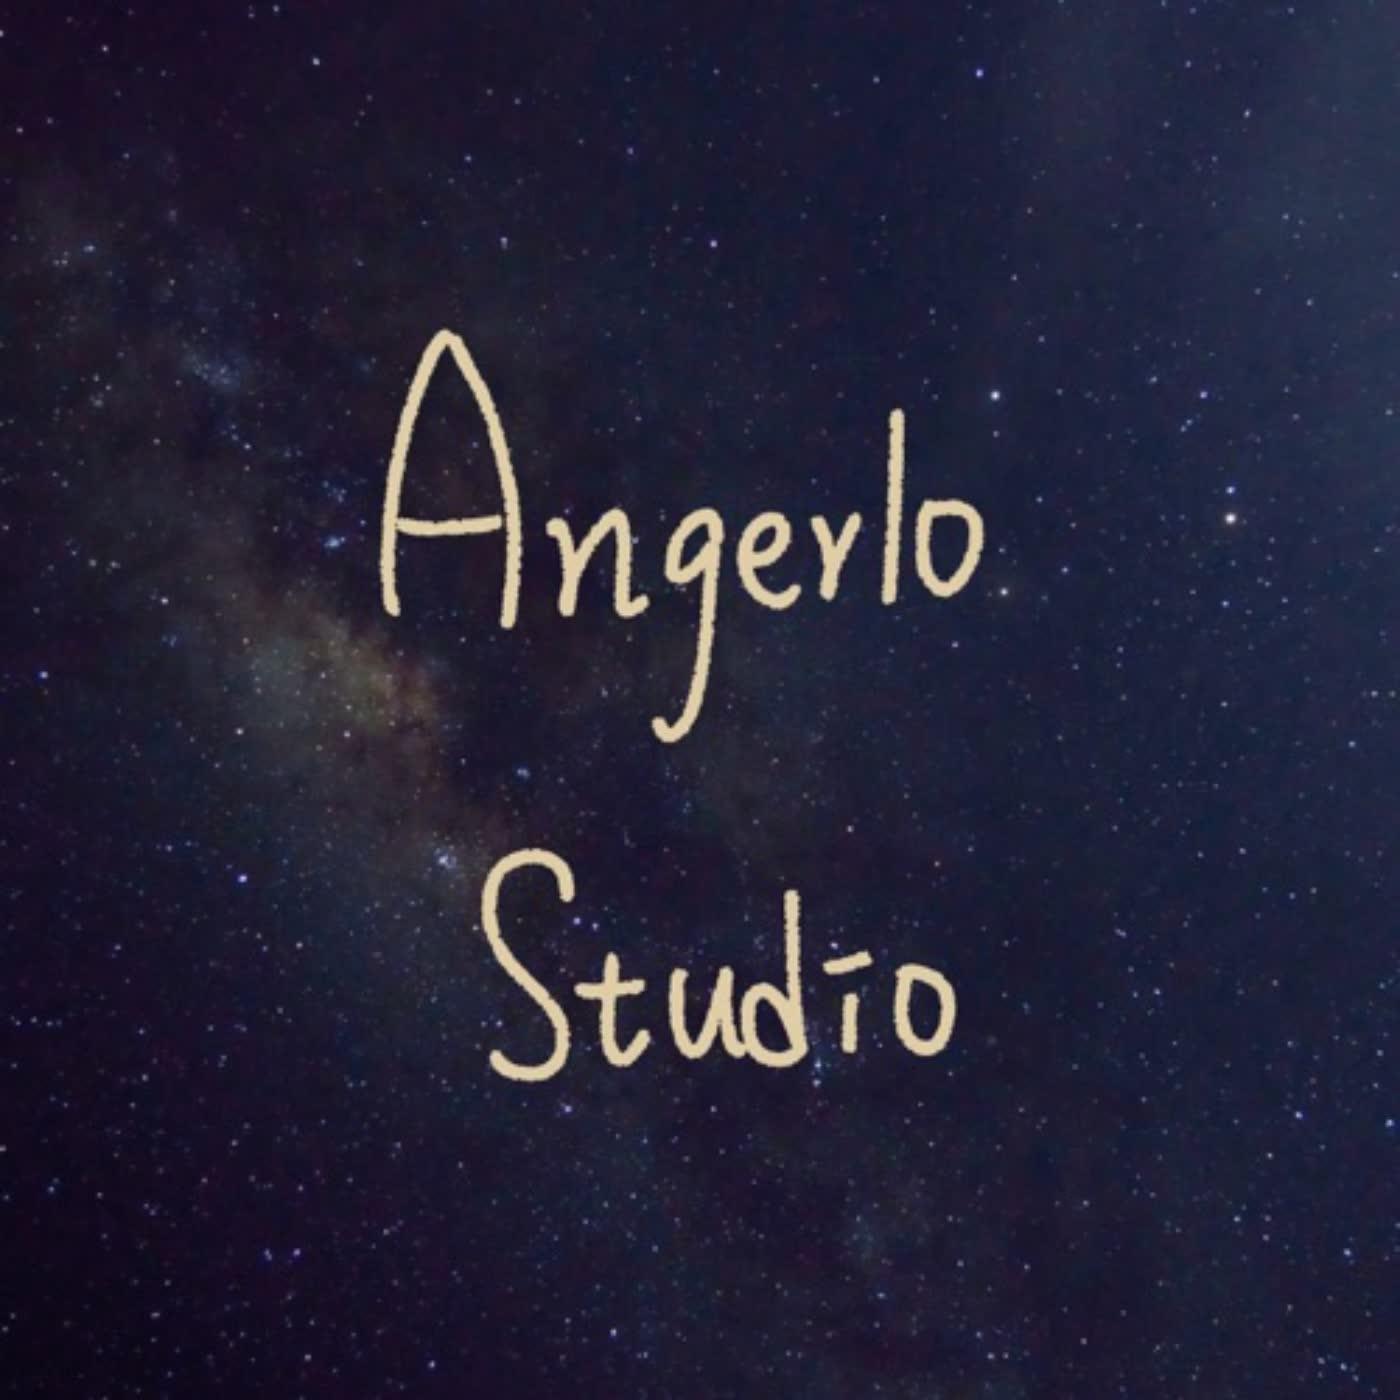 Angerlo Studio